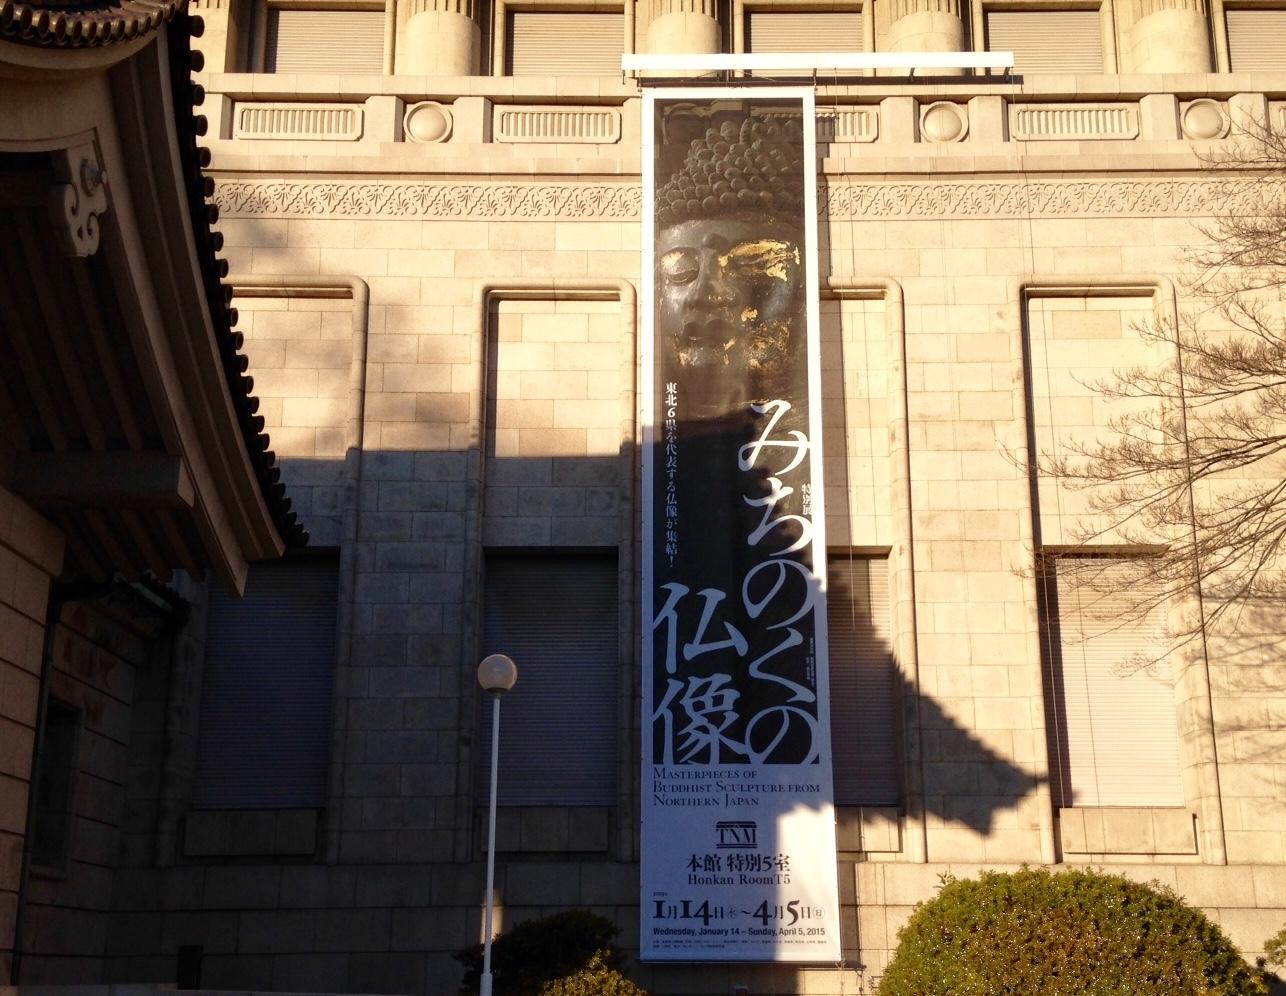 「みちのくの仏像展」を見る_e0054299_00045417.jpg